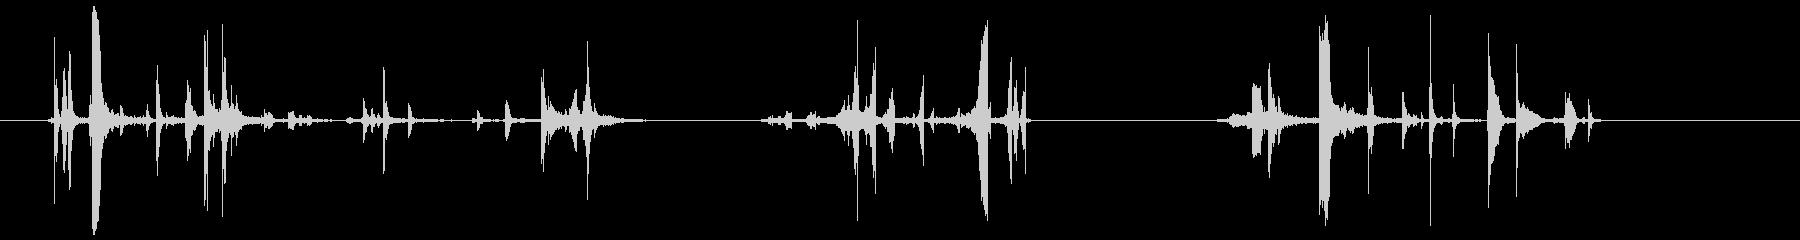 ベルトの金具(カチャカチッチャッ)の未再生の波形